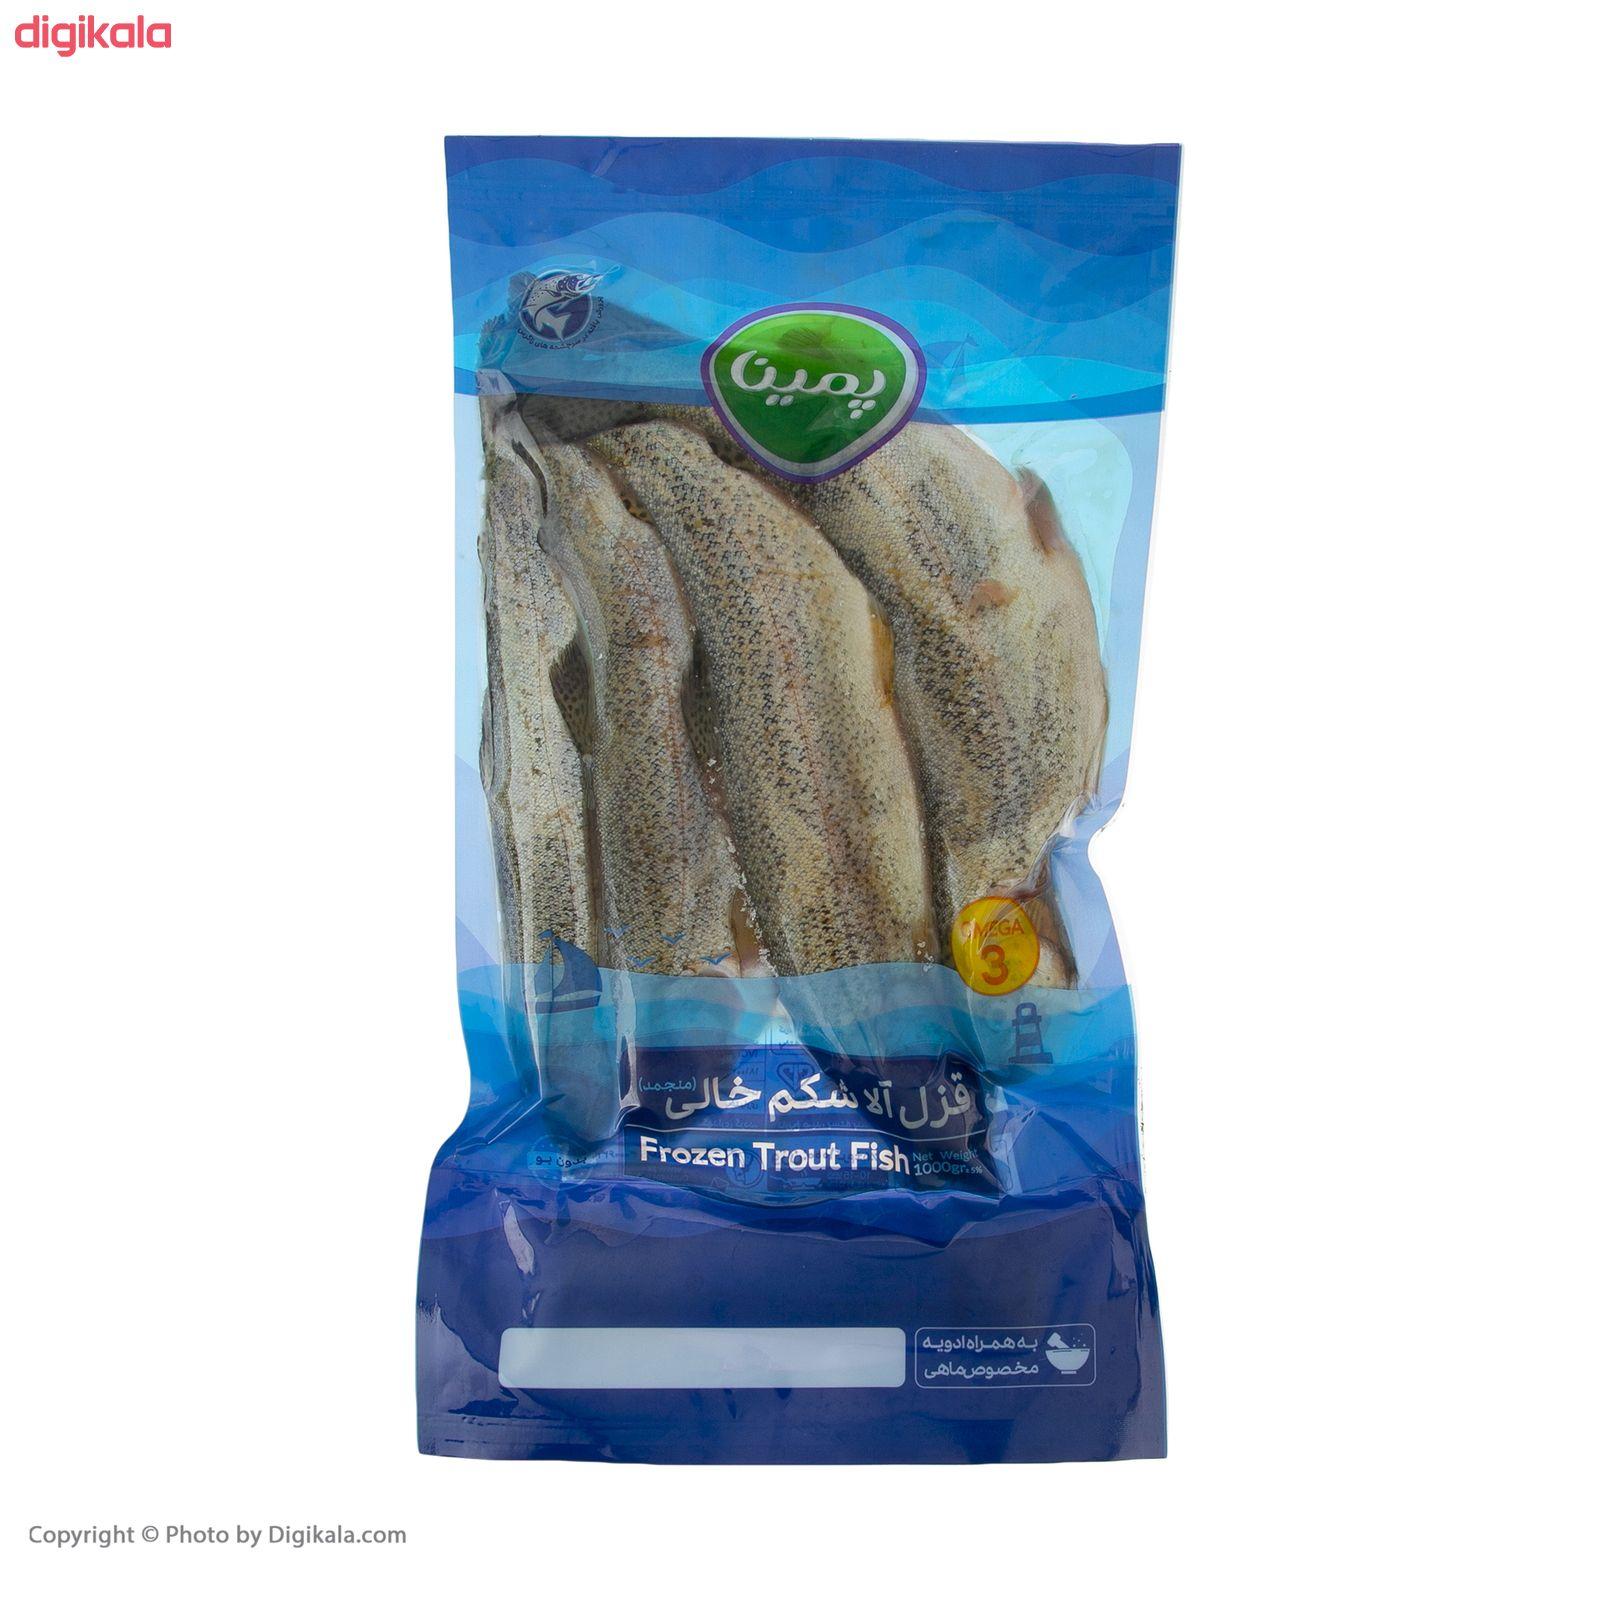 ماهی قزل آلا شکم خالی منجمد پمینا - 1 کیلوگرم  main 1 2